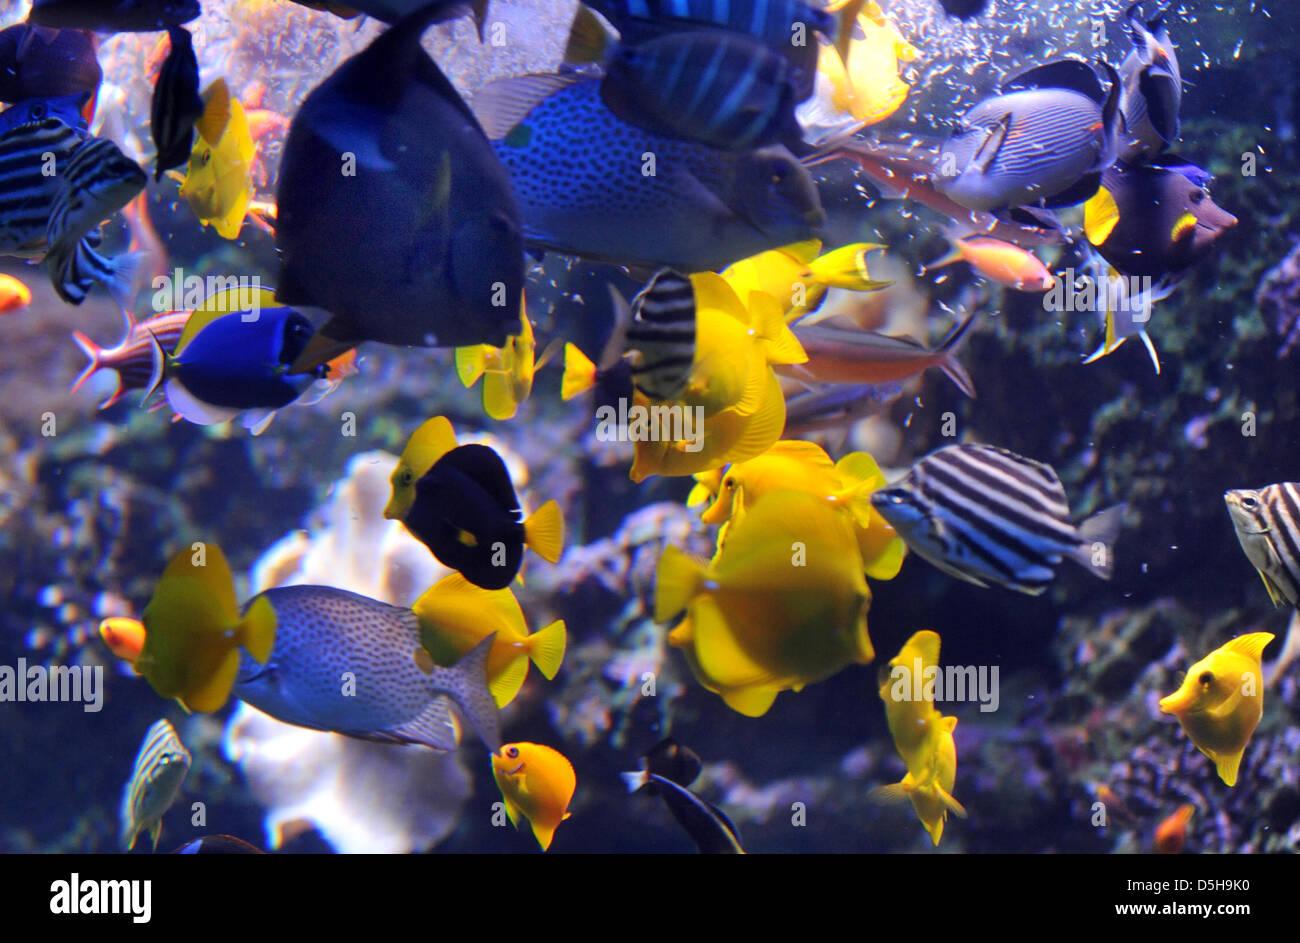 Finden Sie viele Fische datieren Website